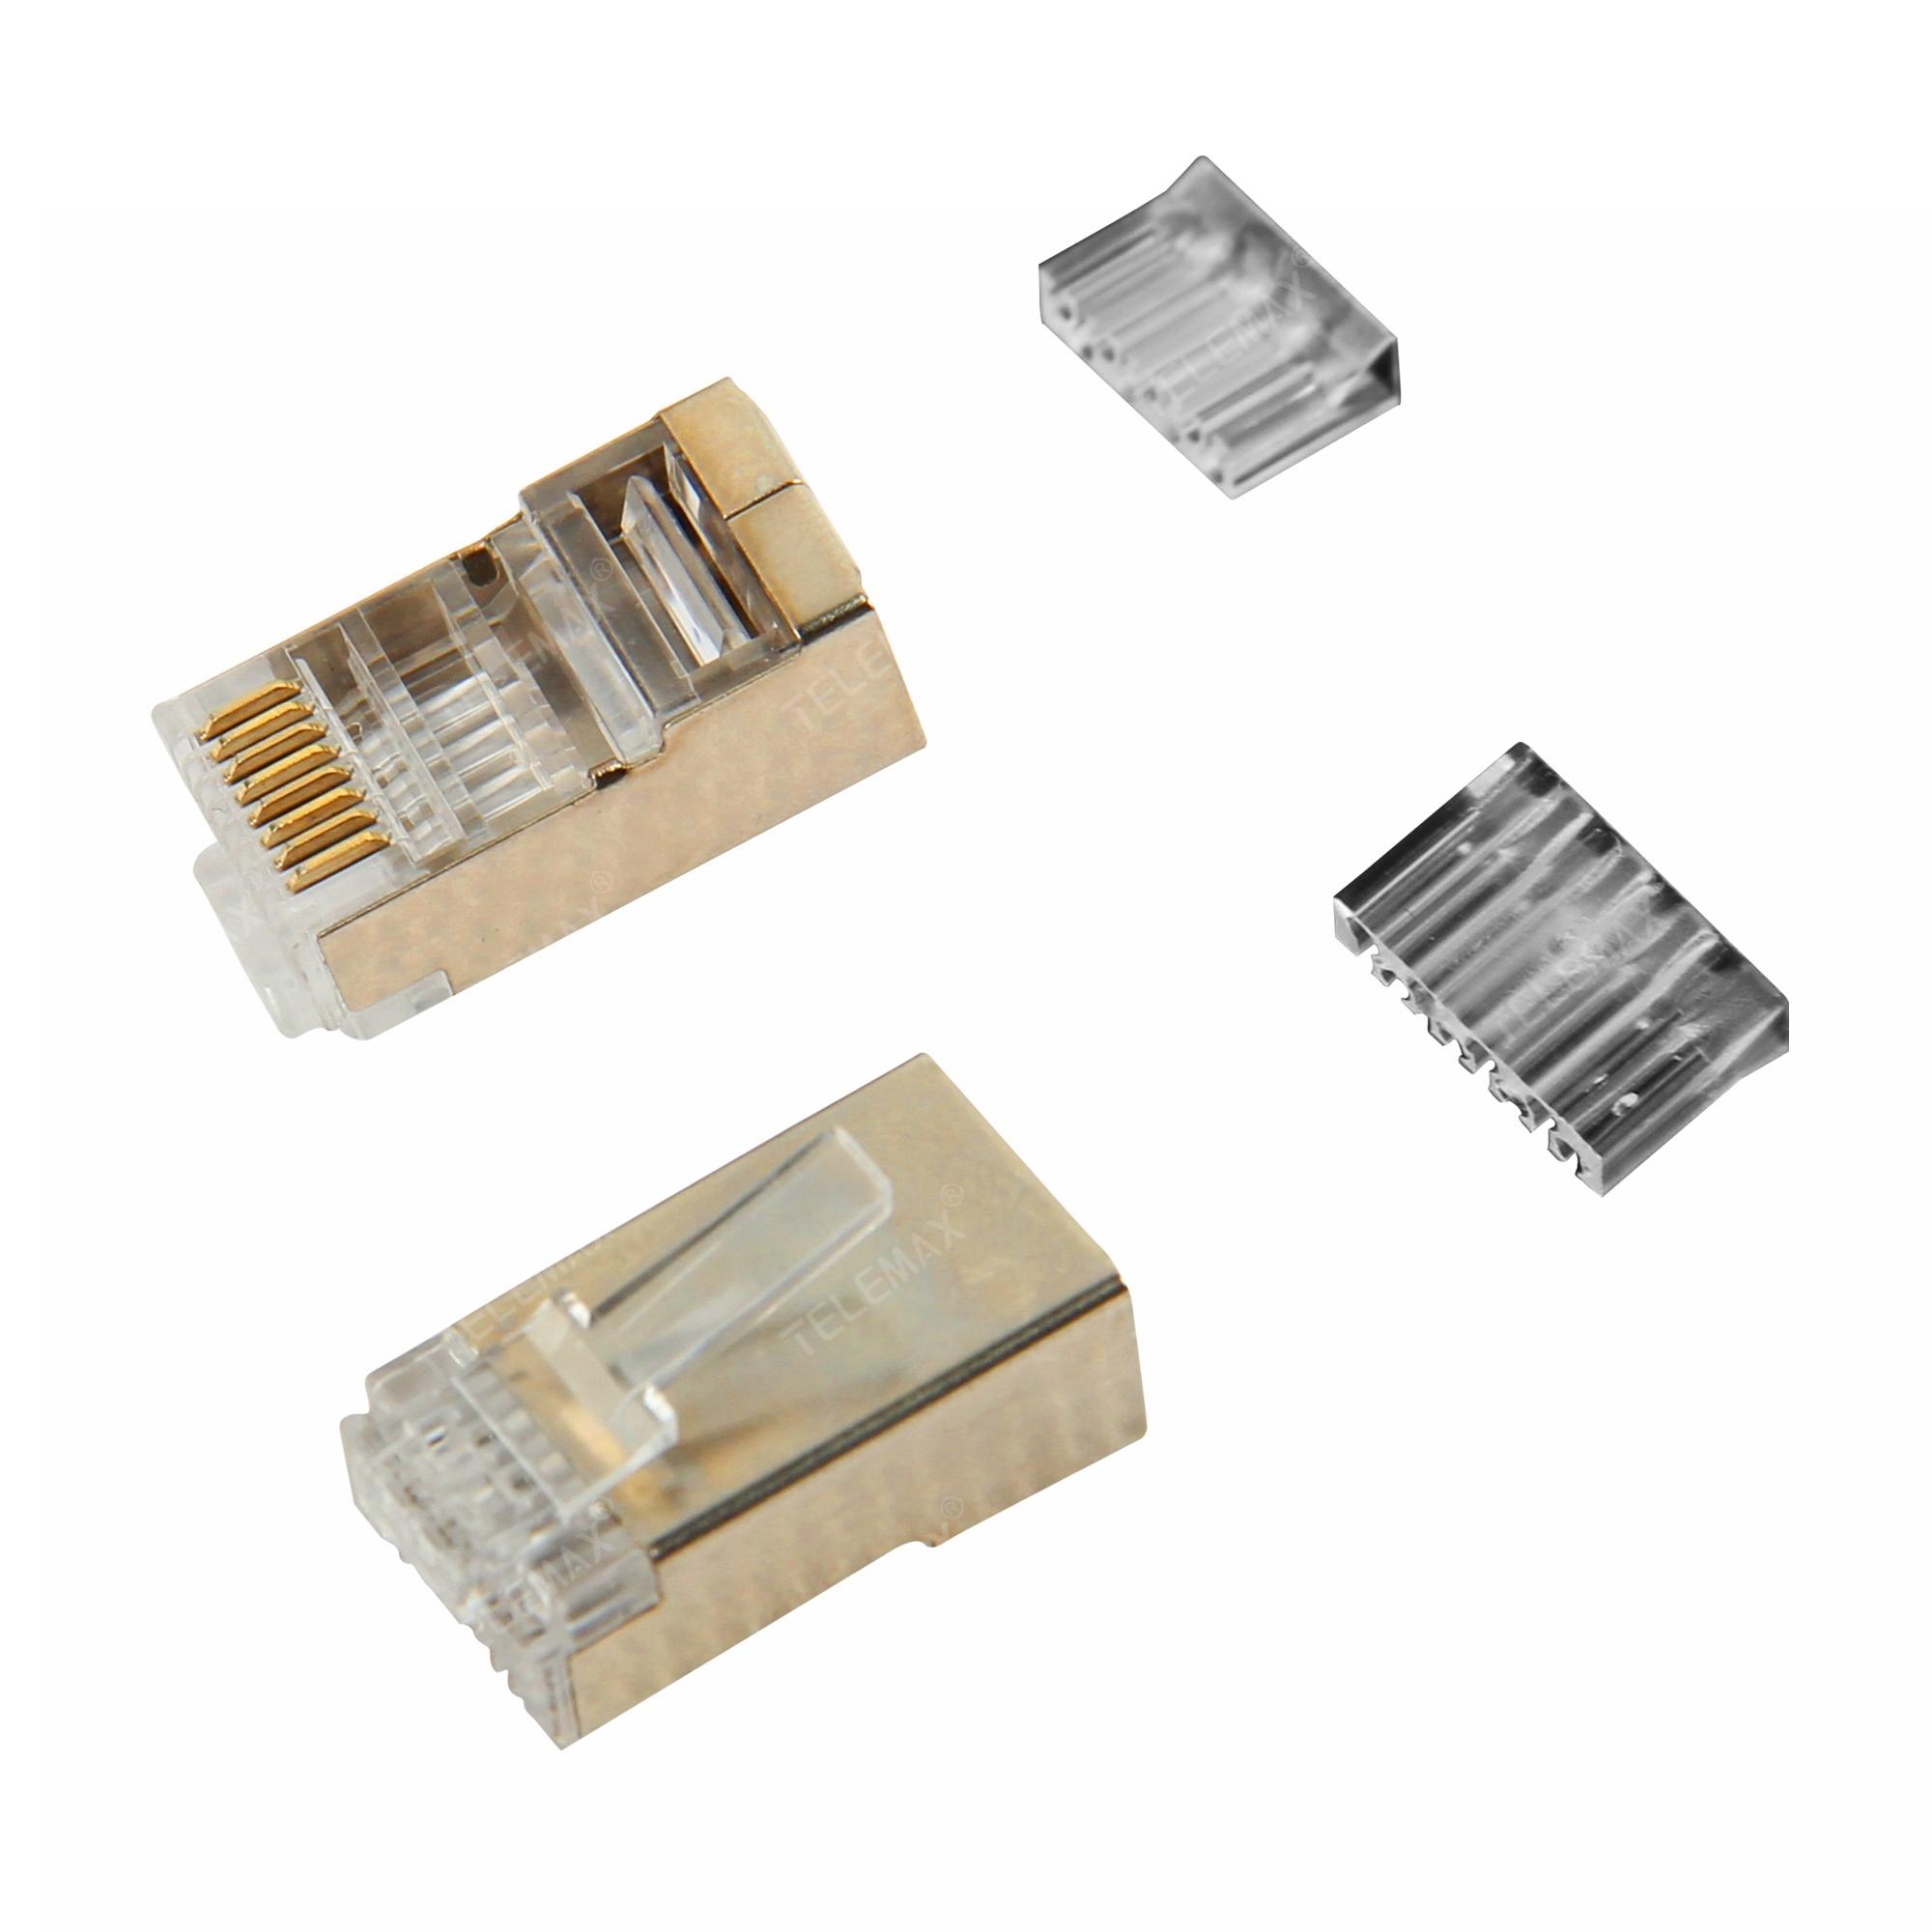 CAT6A FTP RJ45 Plug 8P8C, Golden plating 3/15/30/50u'',Copper Pin,Two Parts